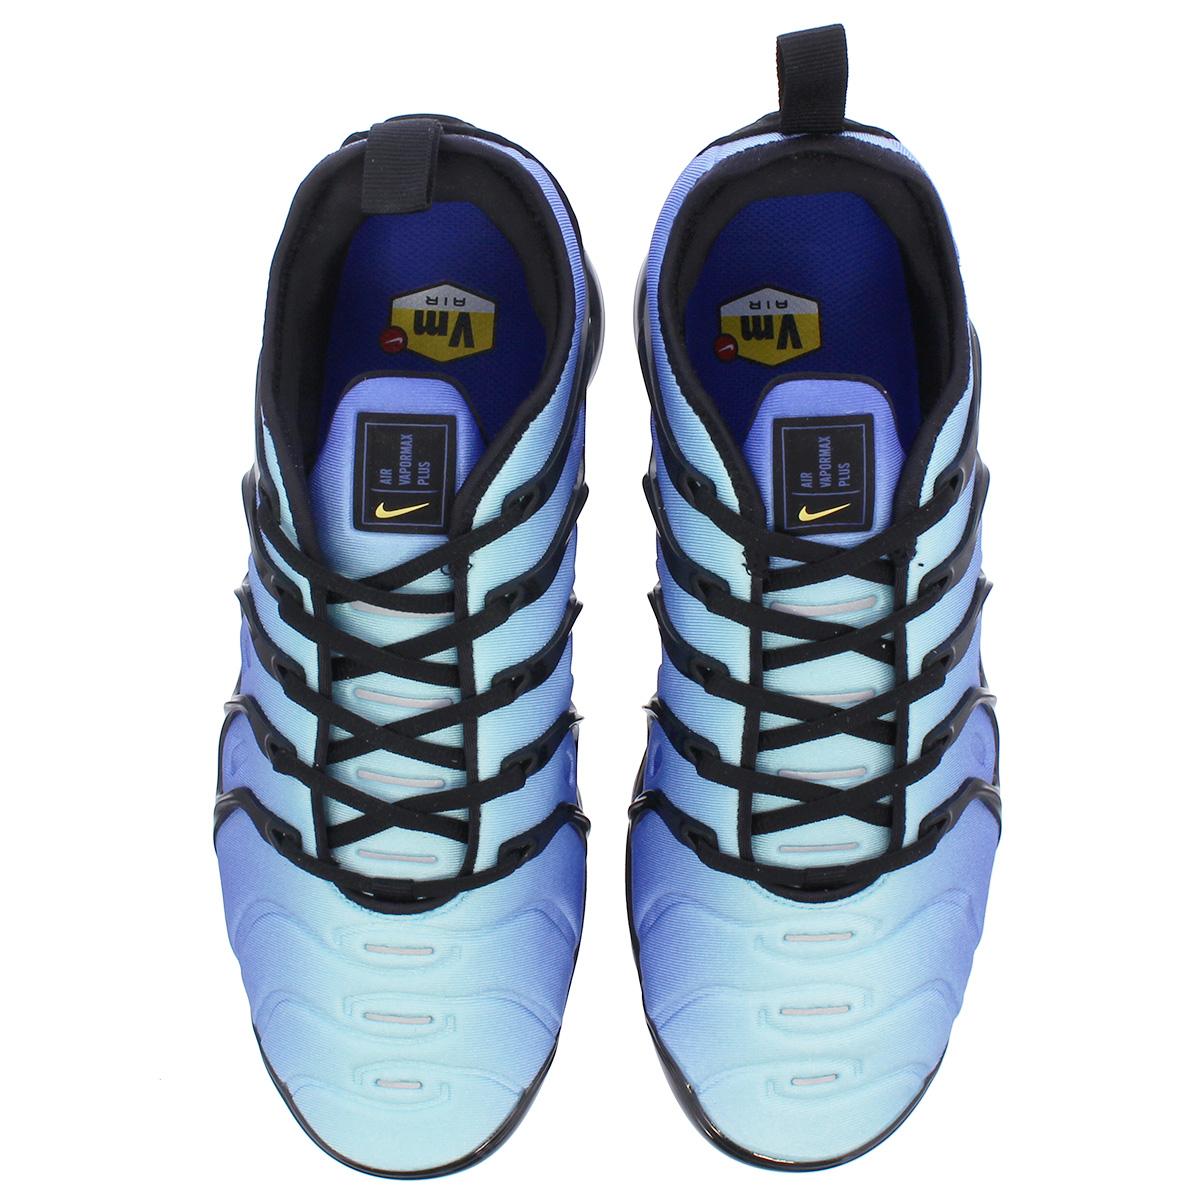 fffb90ded44a0 NIKE AIR VAPORMAX PLUS Nike vapor max plus BLACK CHAMPOIS HYPER BLUE  924